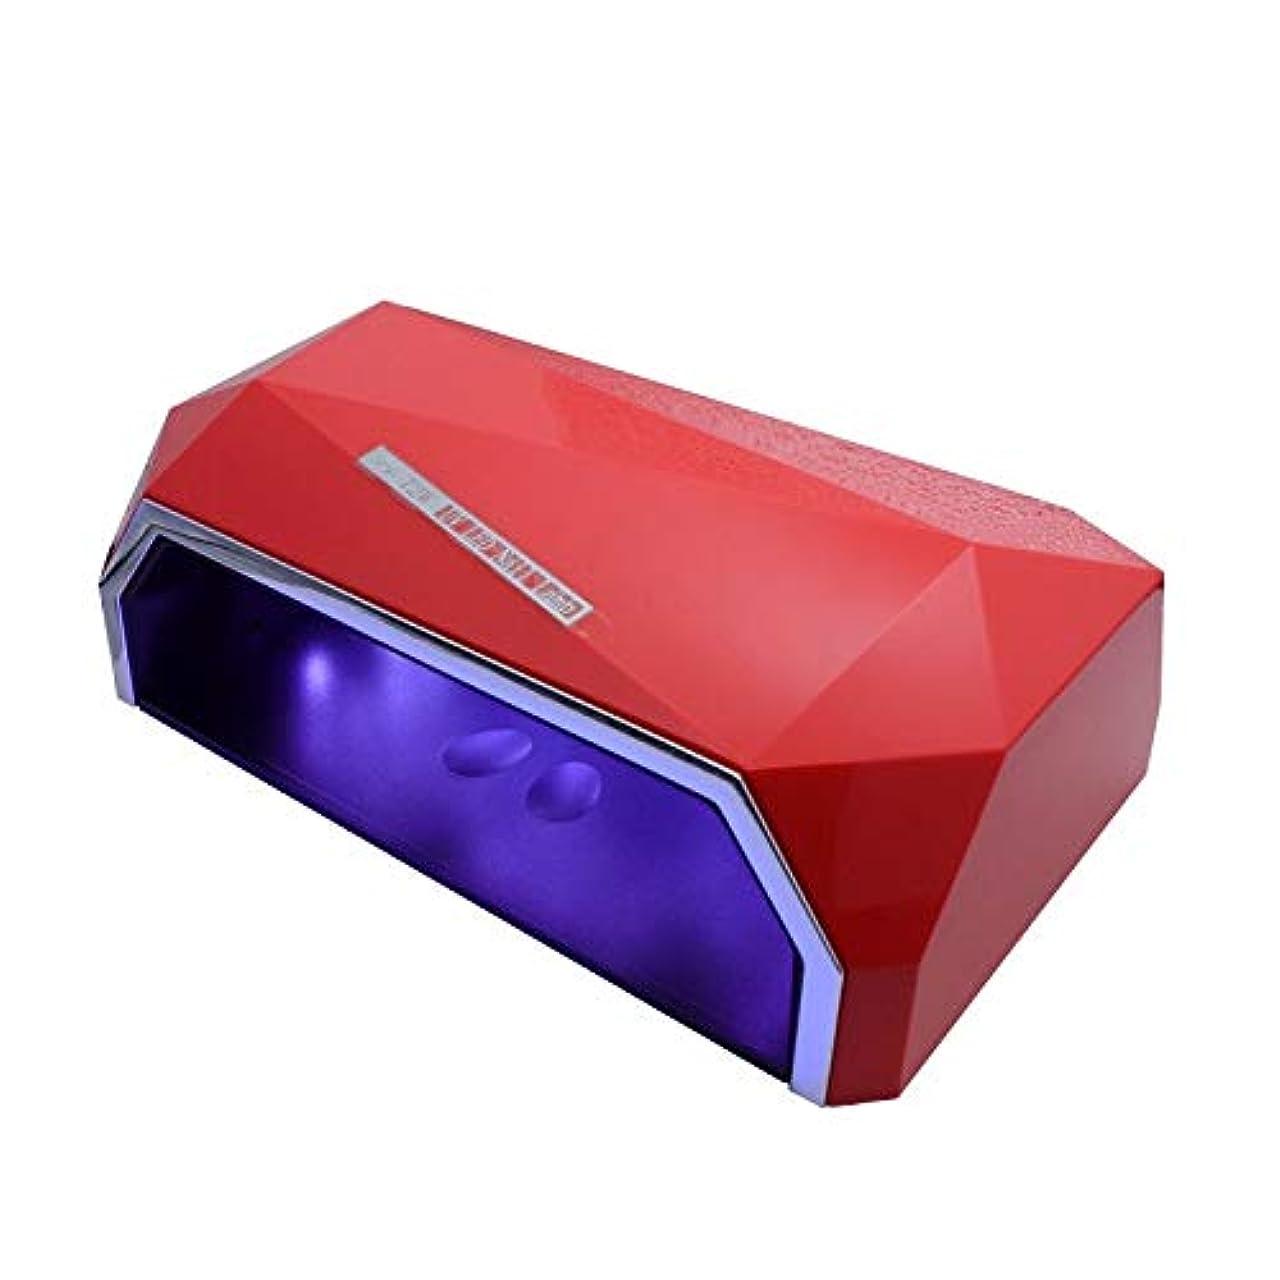 RRSHUNネイルドライヤー72wダイヤモンドデュアルUVランプLedネイルランプゲルポリッシュキュアライトネイル用30s / 60sタイマーLcdディスプレイランプ